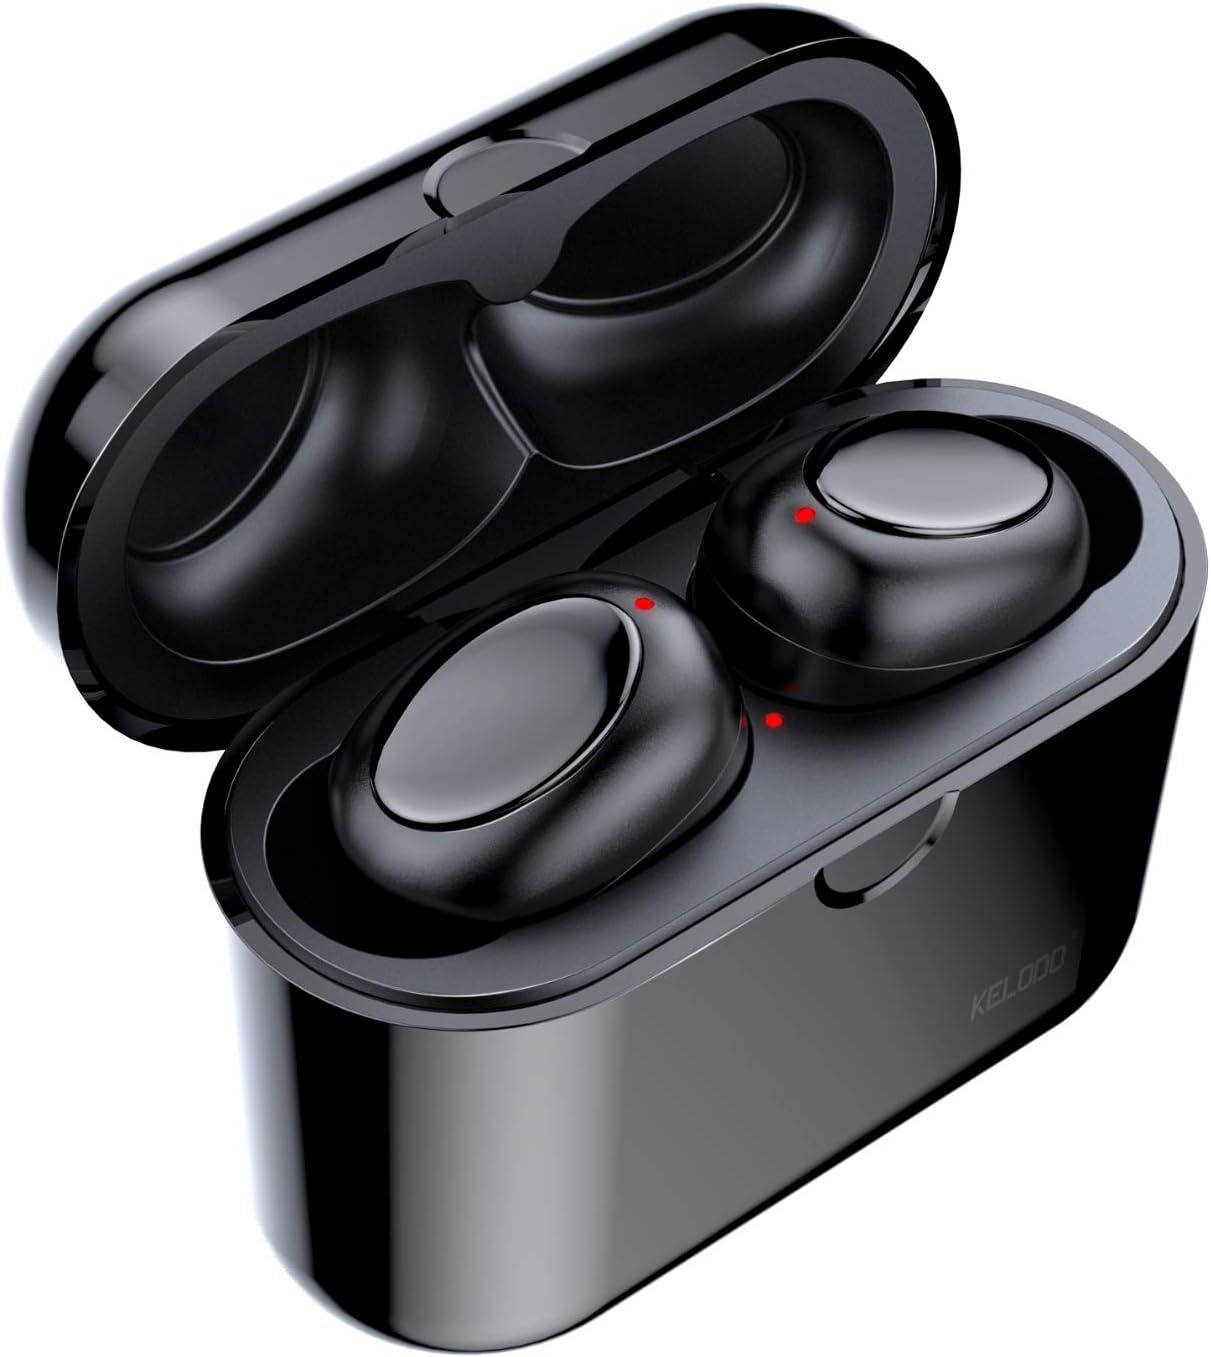 36 Heures de Jeu Kelodo /écouteurs sans Fil Son st/ér/éo Hi-FI avec Bo/îtier de Charge Ecouteurs Intra-auriculaire sans Fil Bluetooth 5.0 avec r/éducteur de Bruit et Micro int/égr/é IPX5 /étanche